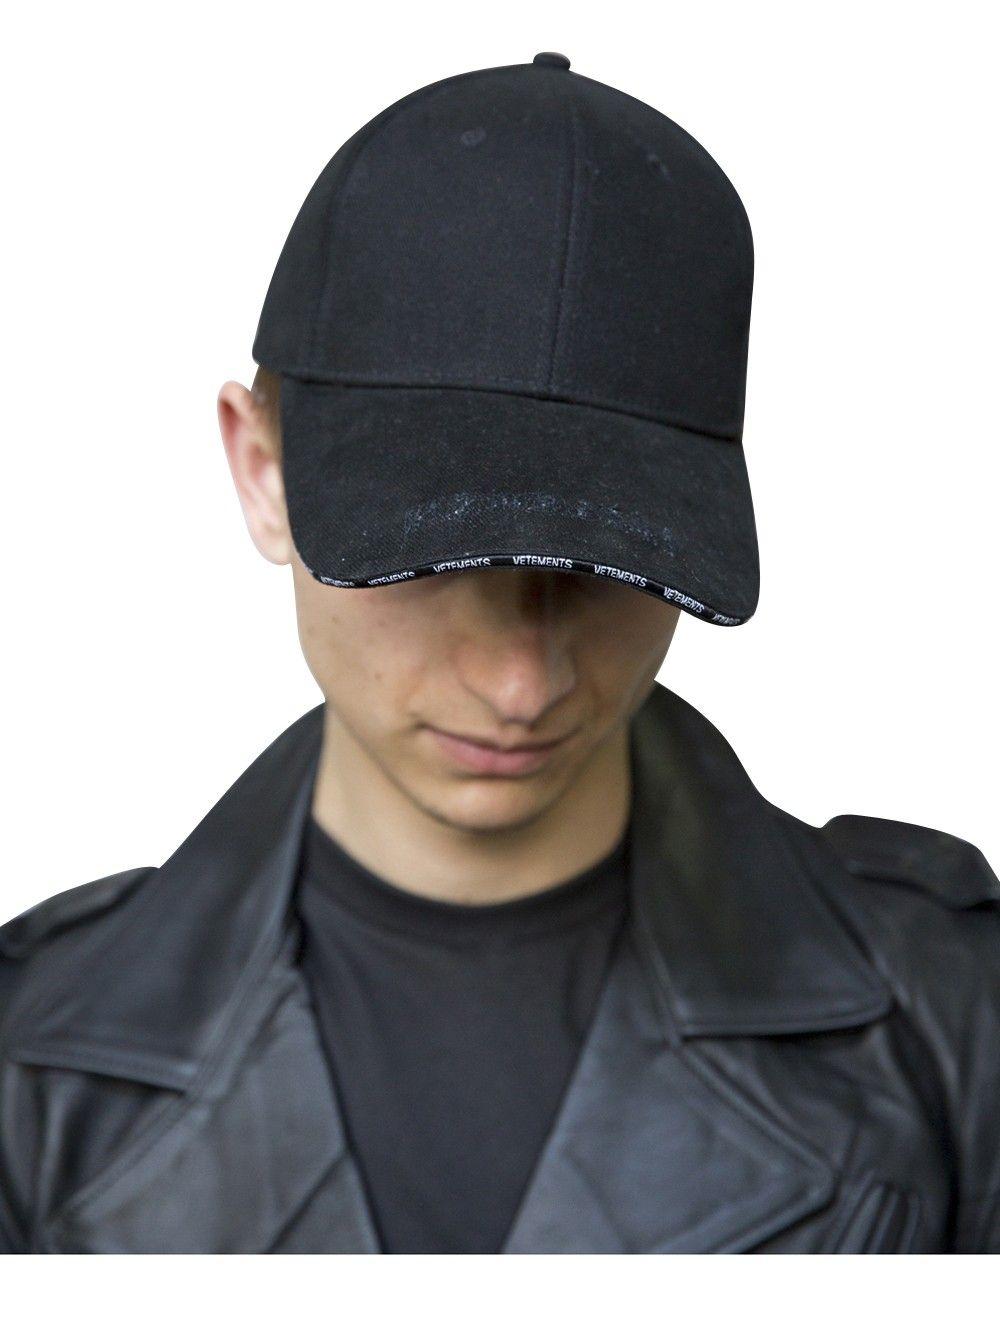 e142e5ec6fb VETEMENTS BLACK CAP.  vetements